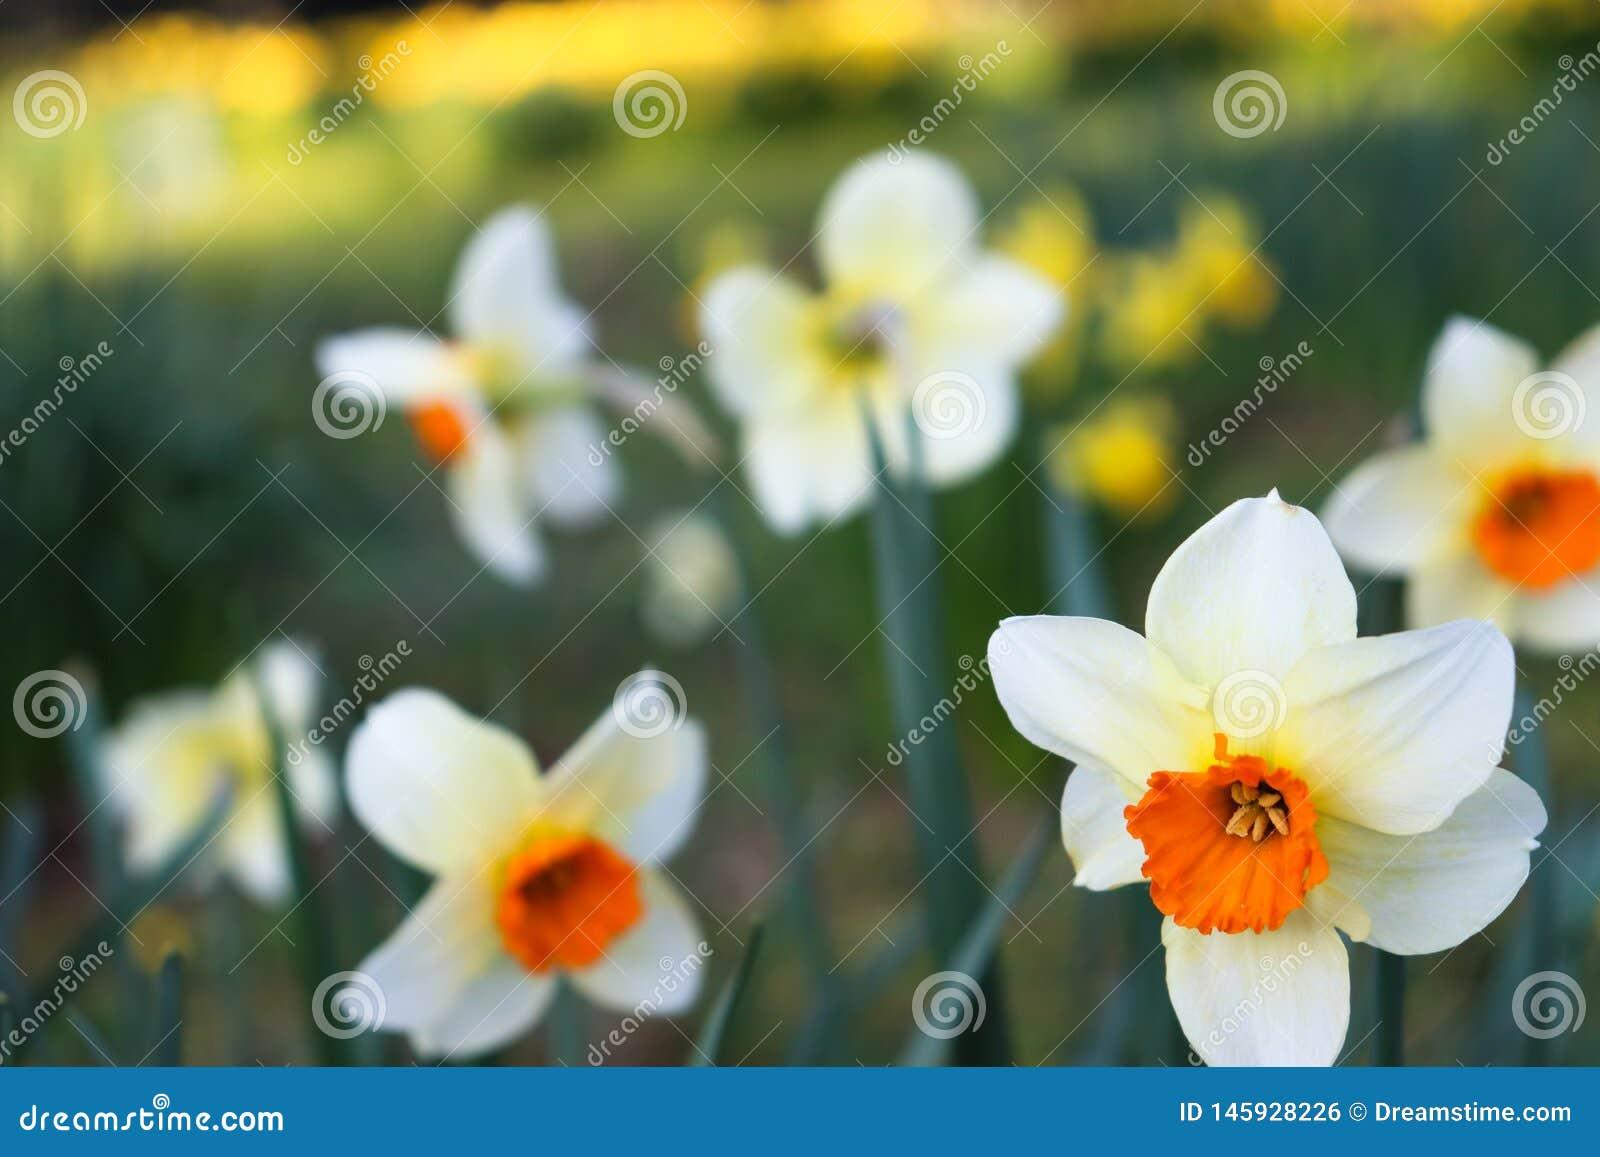 Biel, Czerwony kwiat w przedpolu z zamazanym tłem/